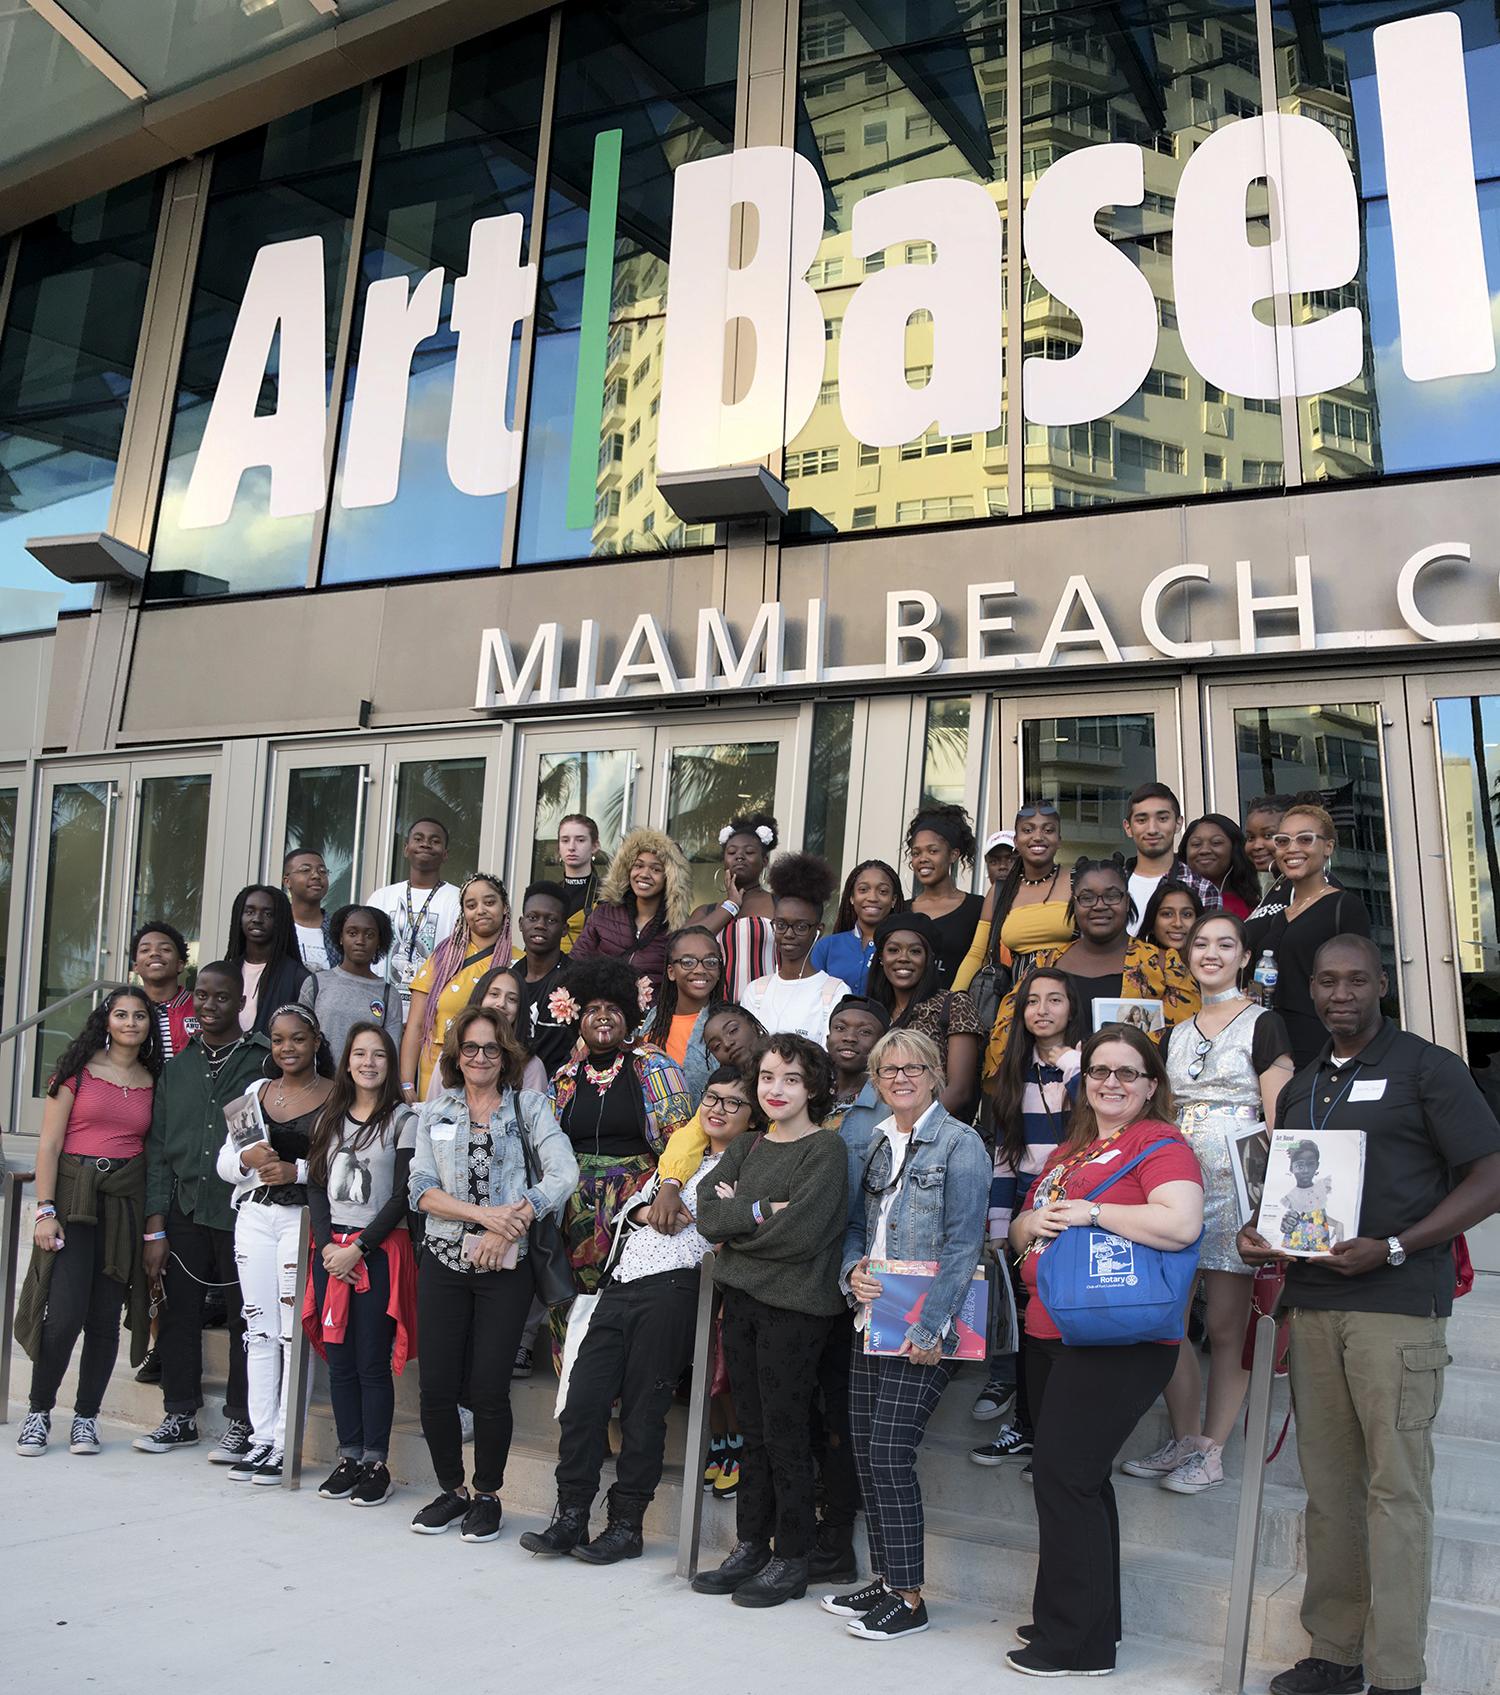 ART BASEL GROUP RESIZE.jpg